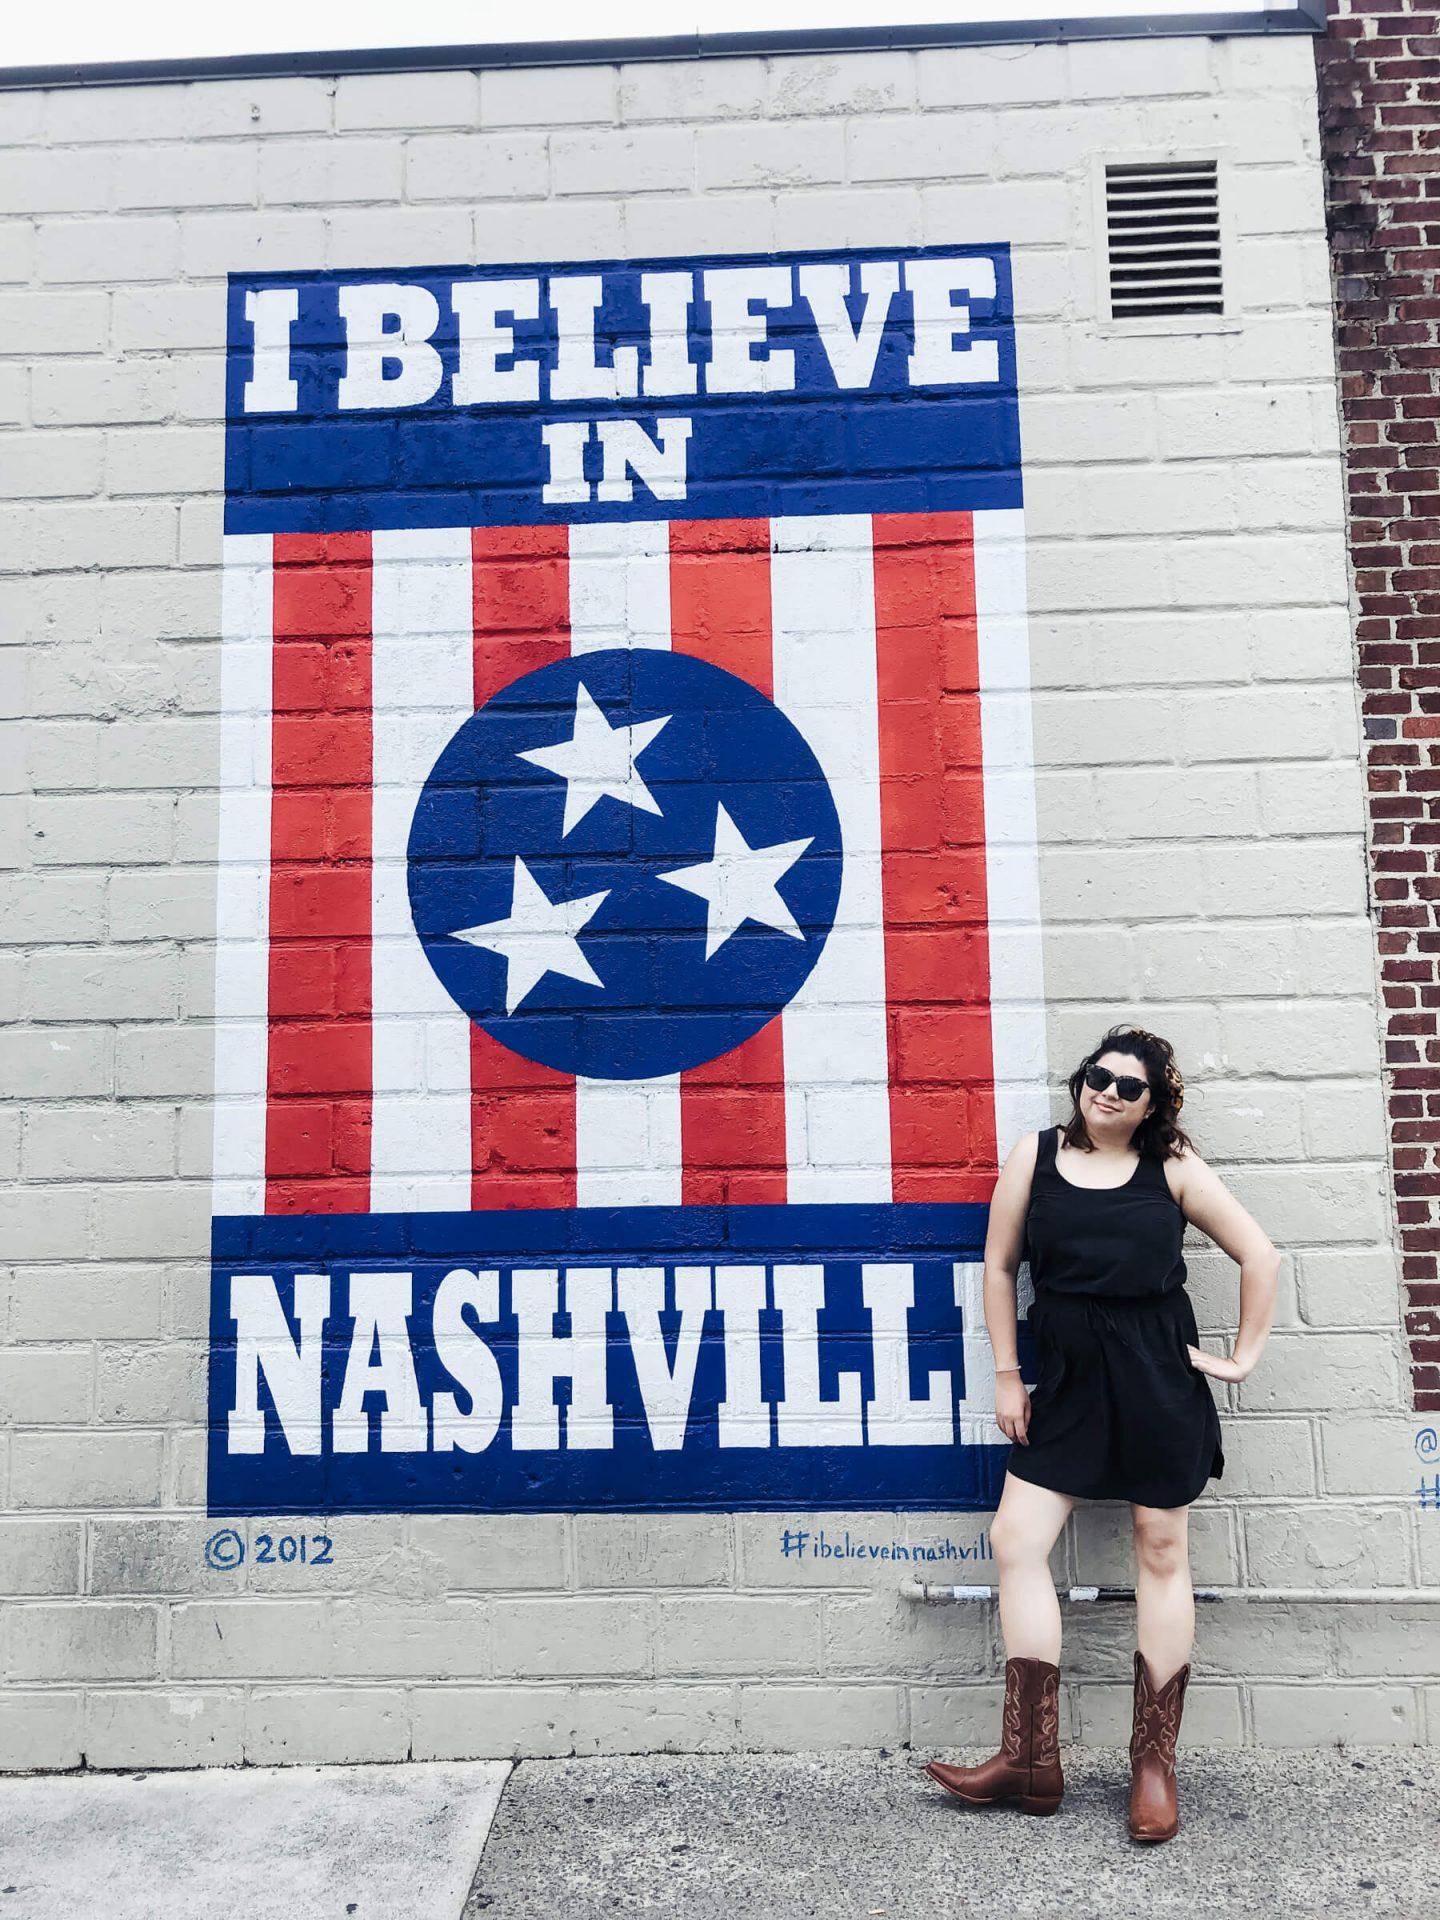 Sababok Nashville Ibelieveinnashville 1440x1920